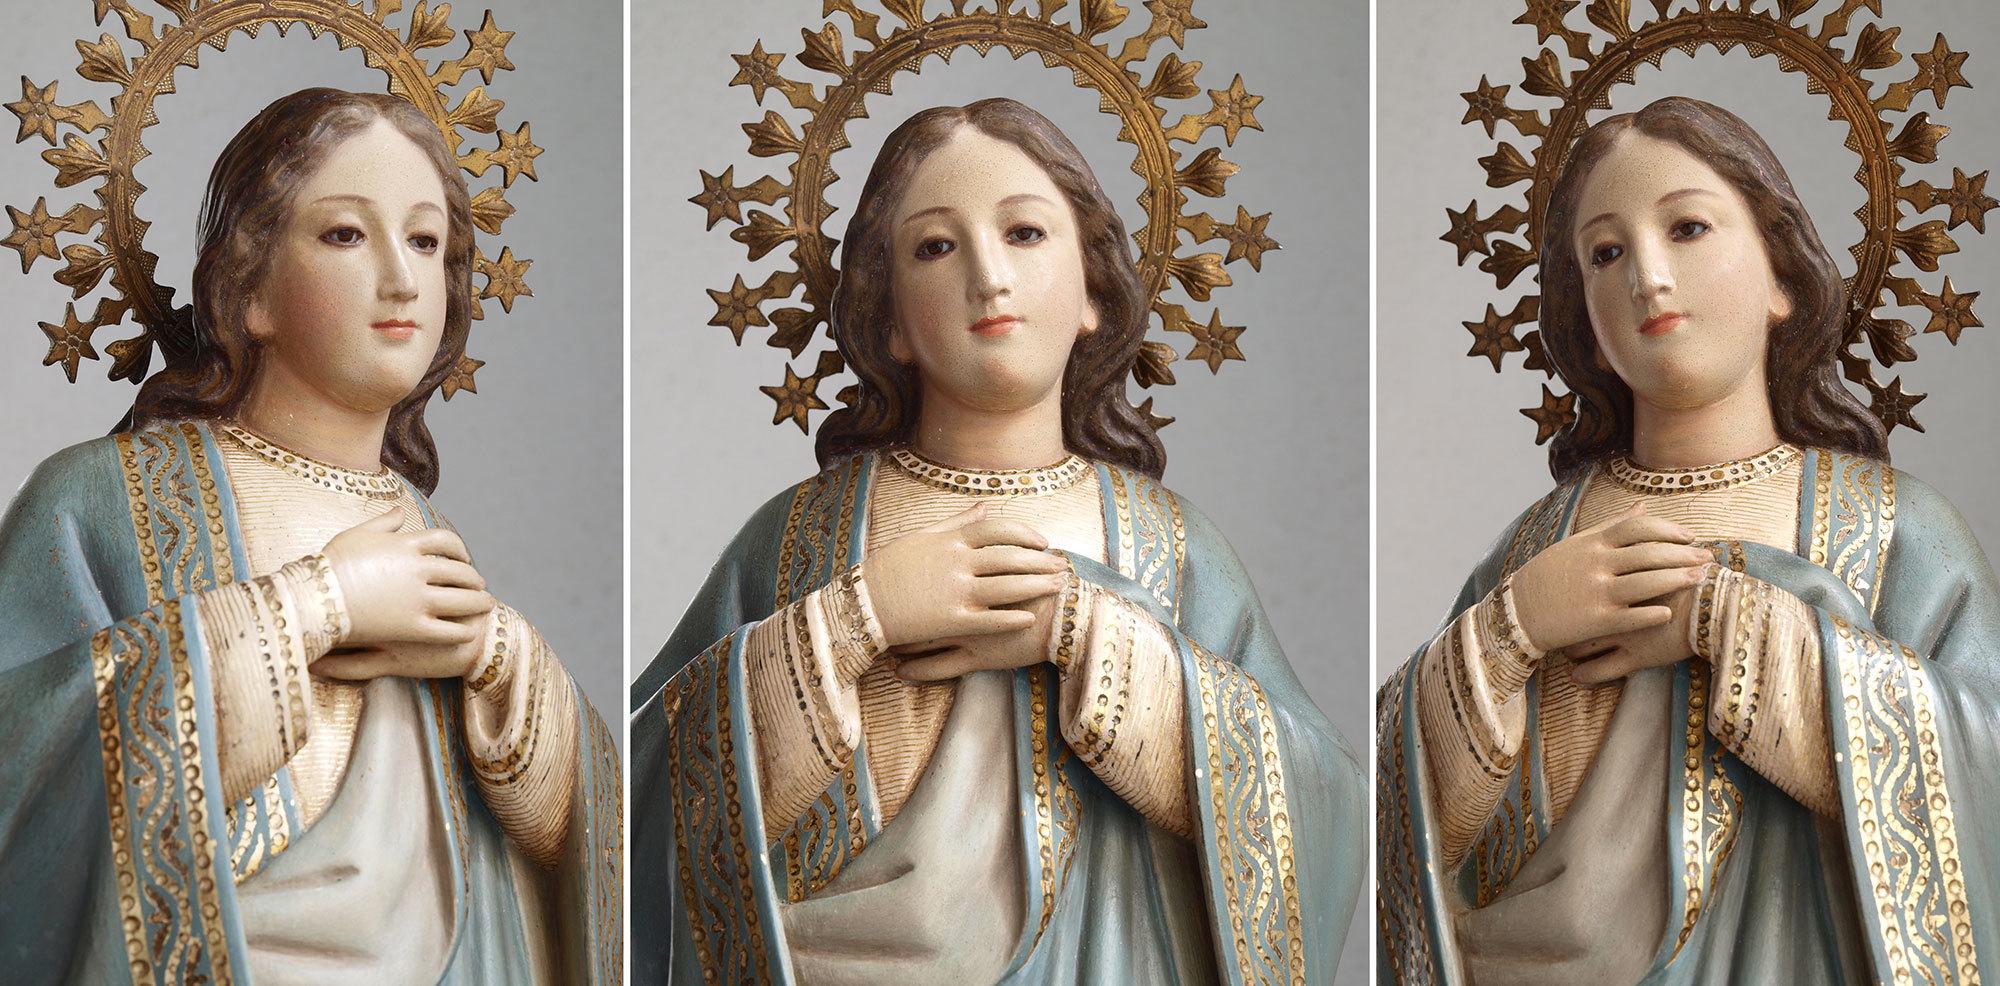 胸に手を当てる聖母マリア像   /G694_e0324838_01572468.jpg